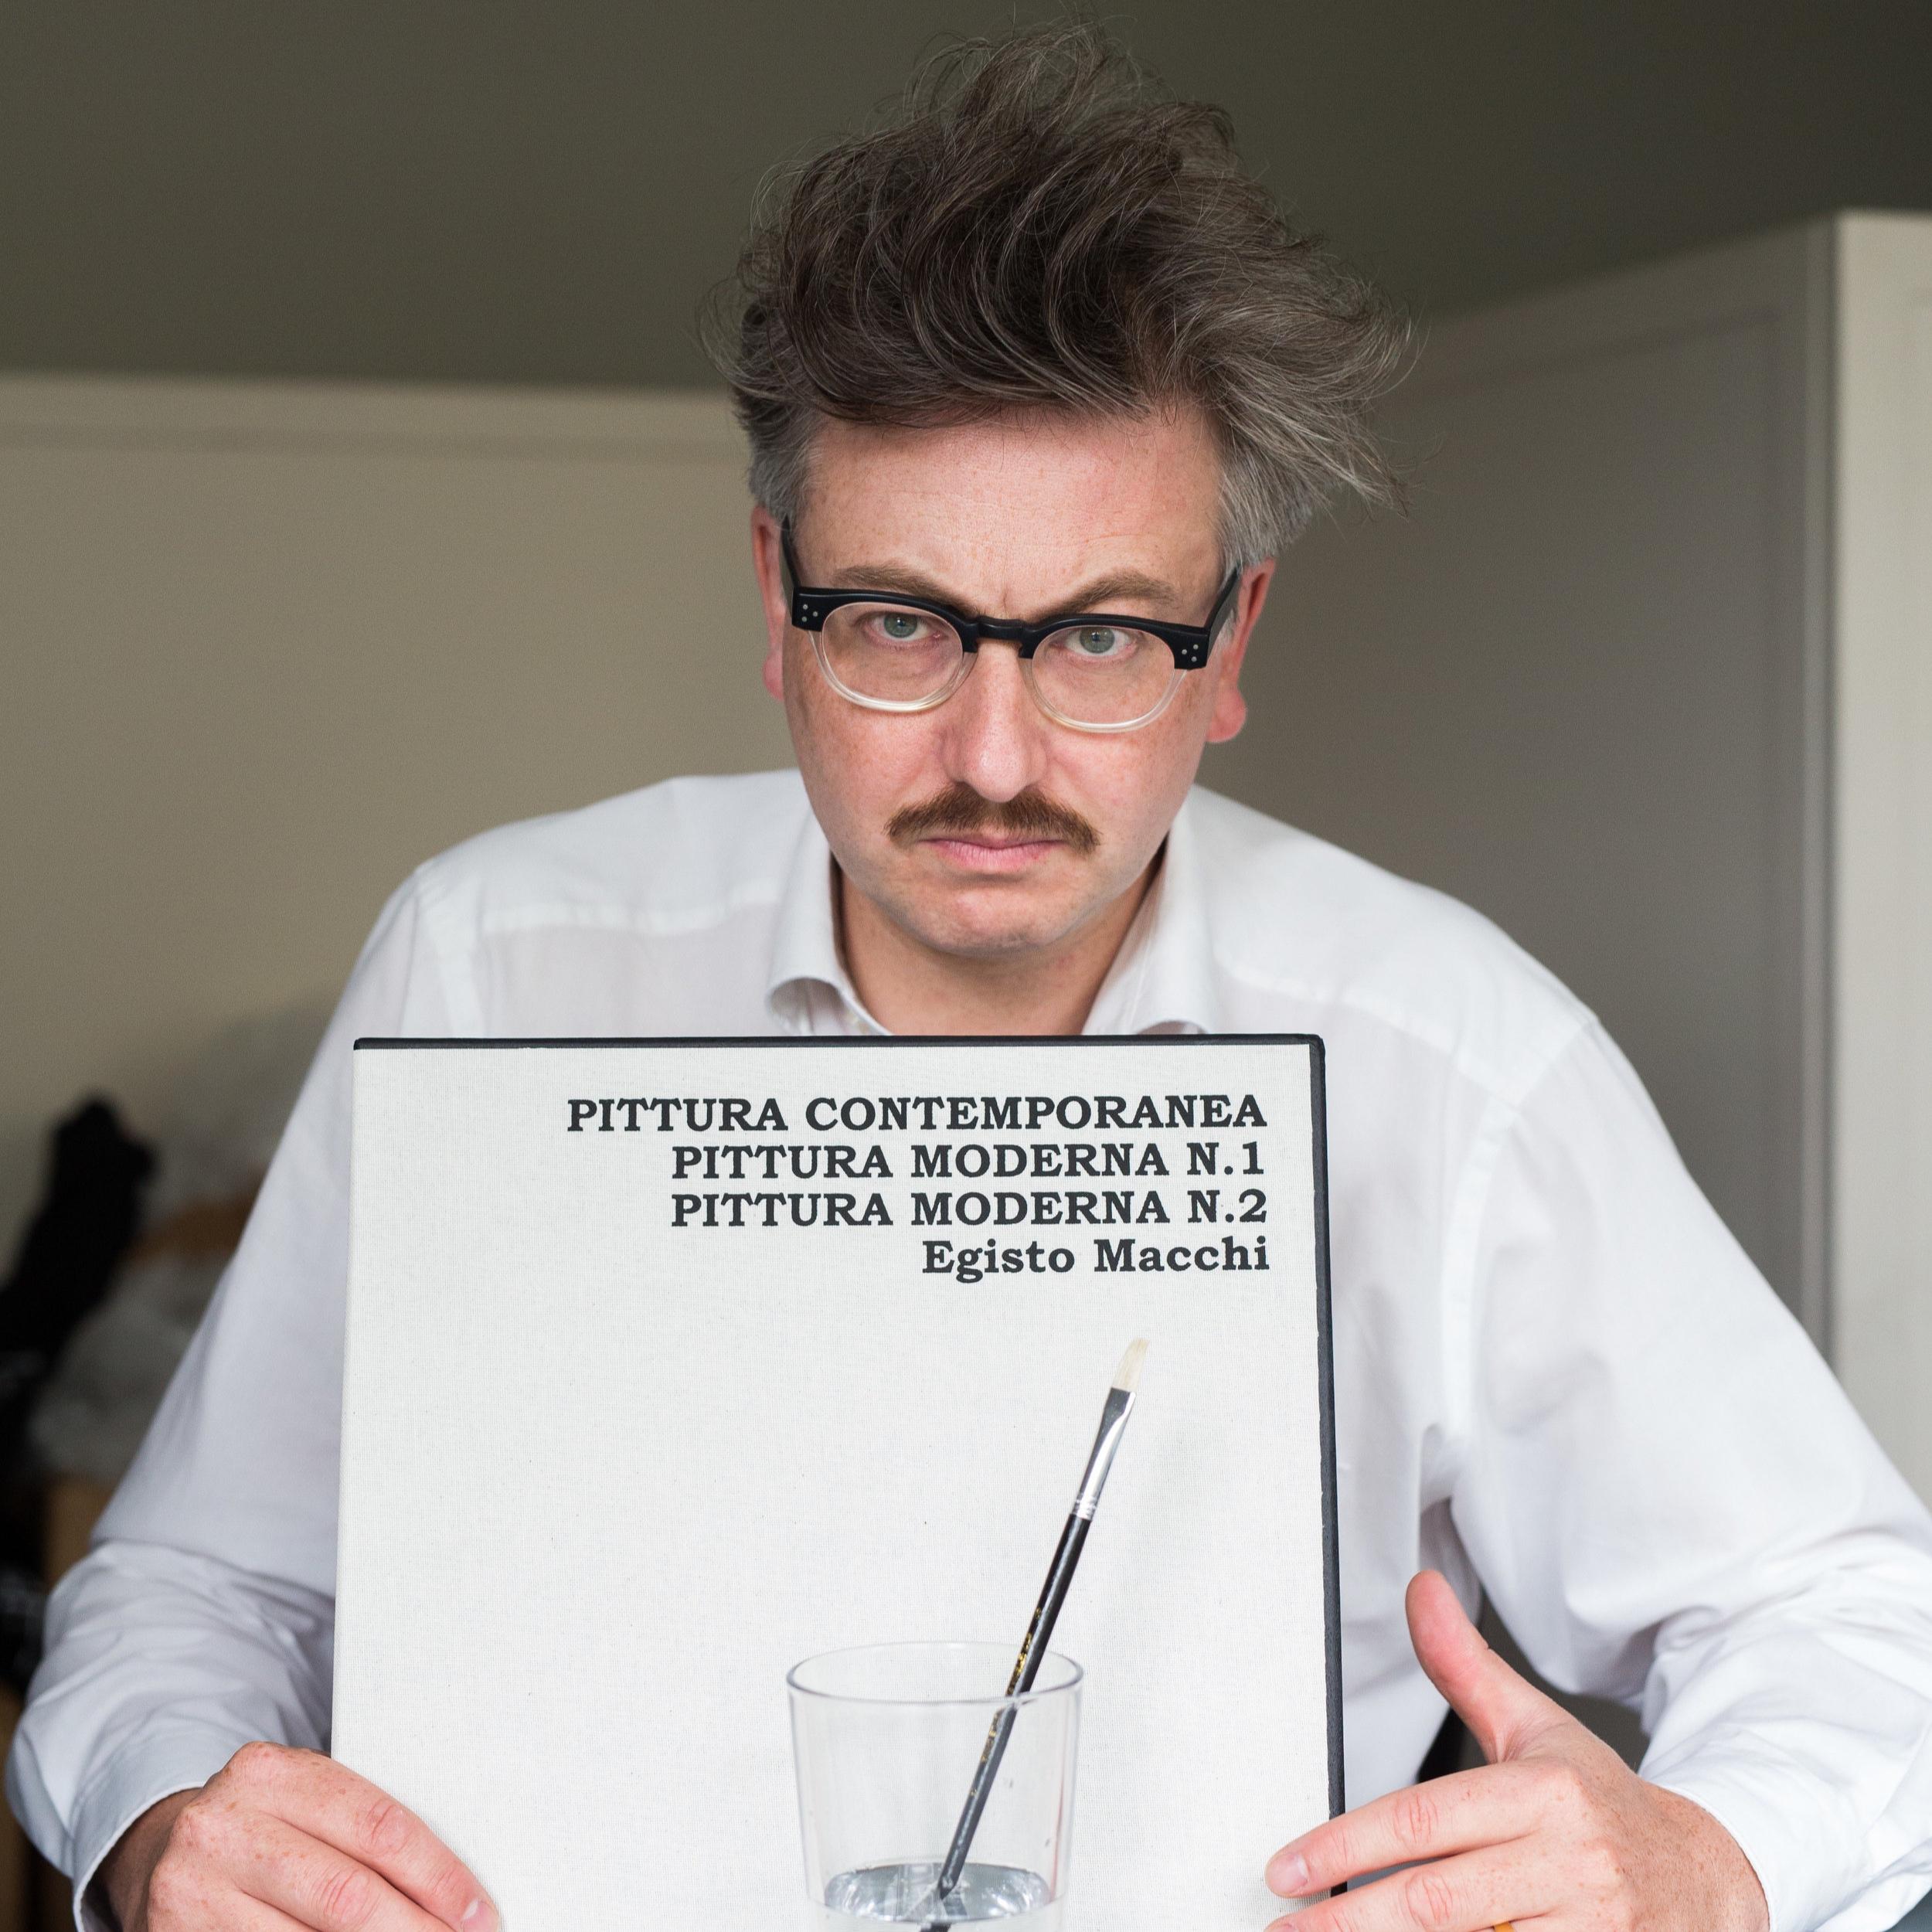 Gereon Klug - ist Autor und war zudem Tourmanager, Plattenhändler, Erfinder, DJ, Songschreiber, Herausgeber. Er ist zumeist humoristisch tätig, dies aber ernsthaft.